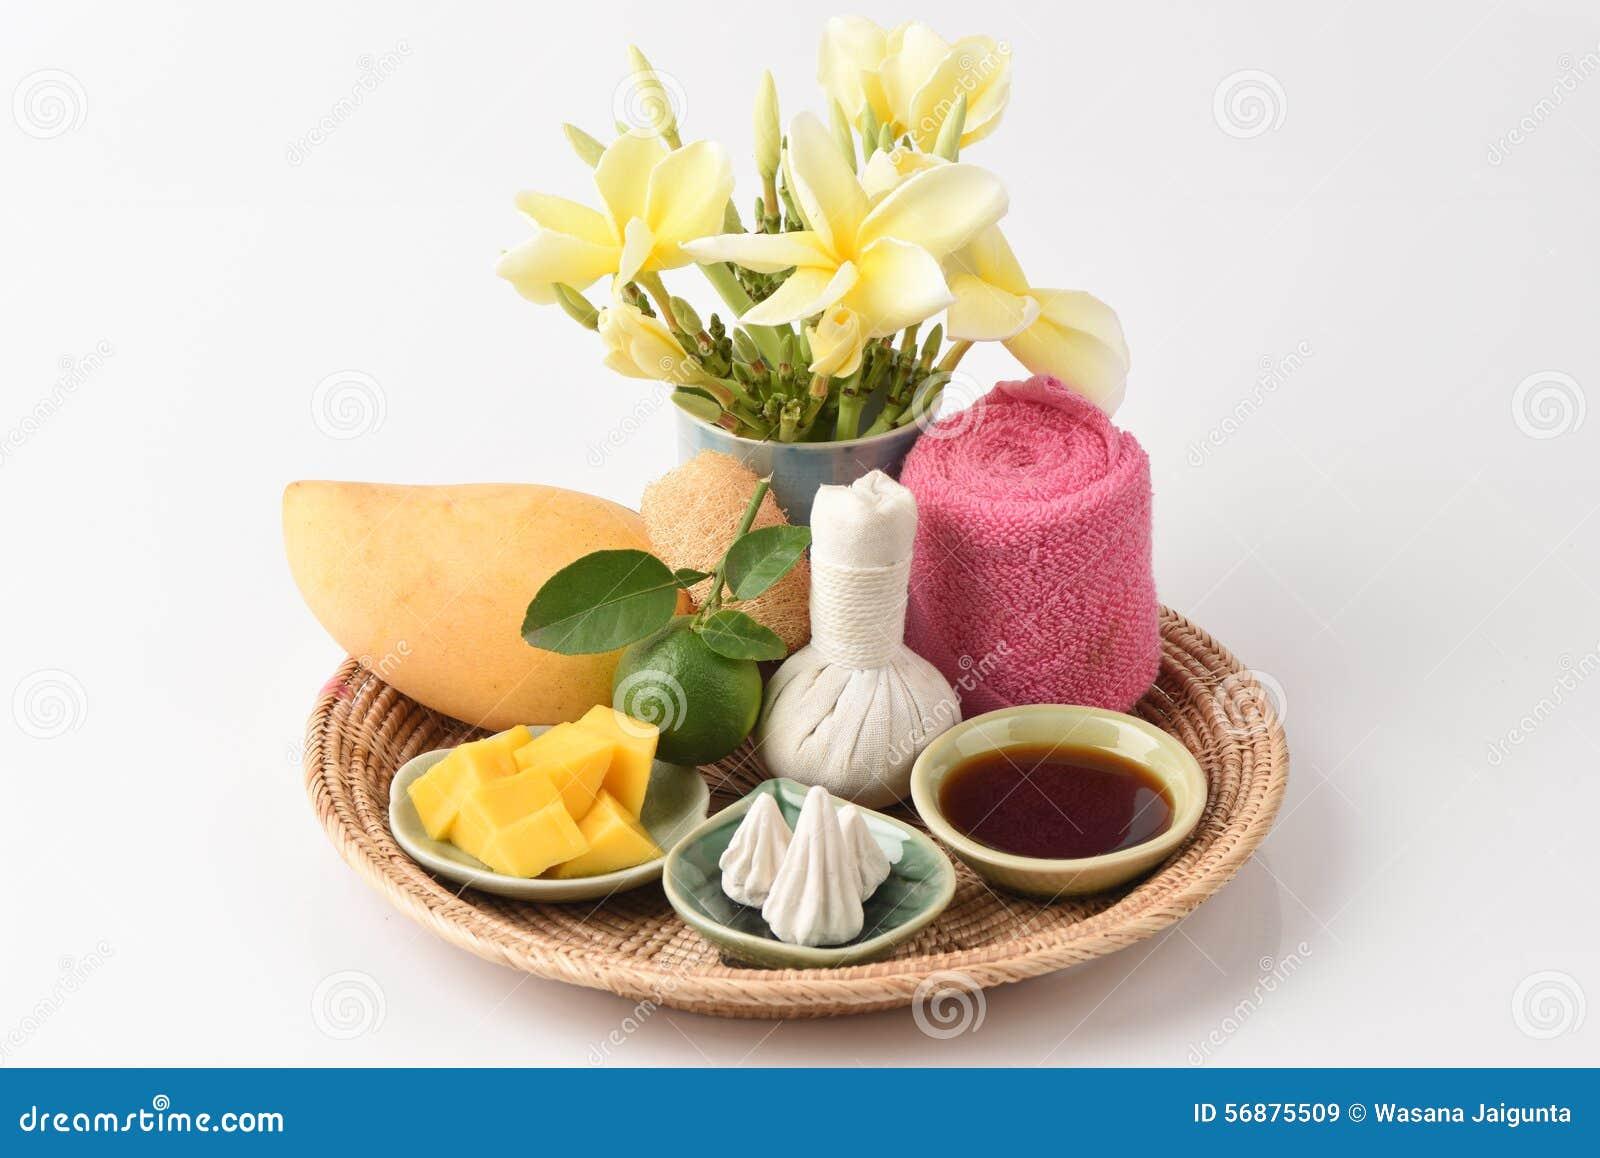 Μάσκα προσώπου με το μάγκο, ασβέστης μέλι και υγιεινός, sor DIN pong (ταϊλανδικό όνομα)